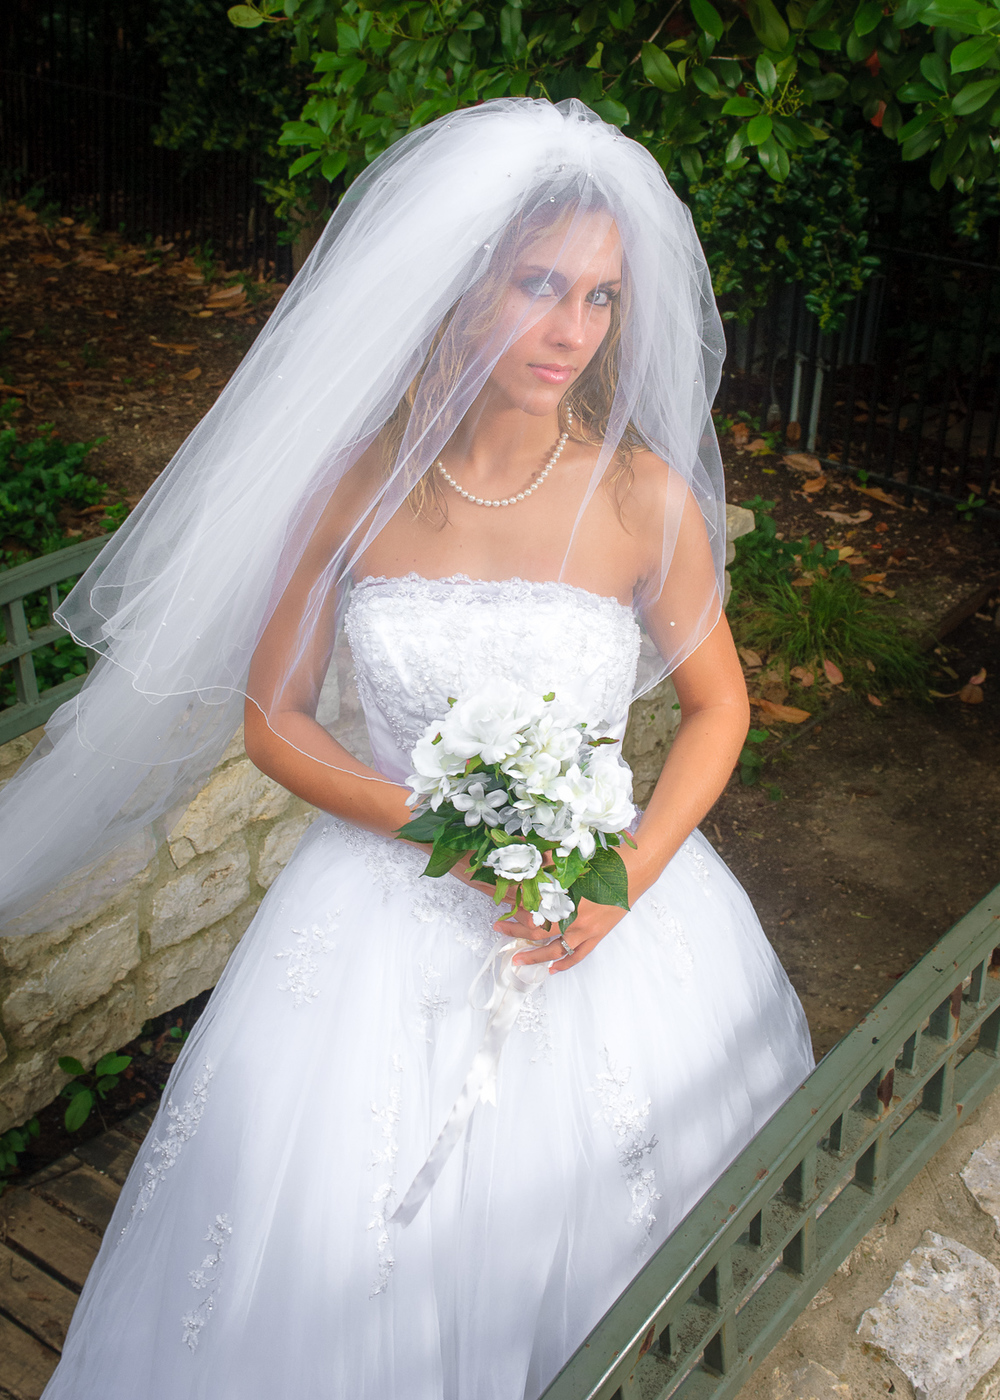 Michael-Napier-Weddings-Robb-Bridal-70 (13).jpg